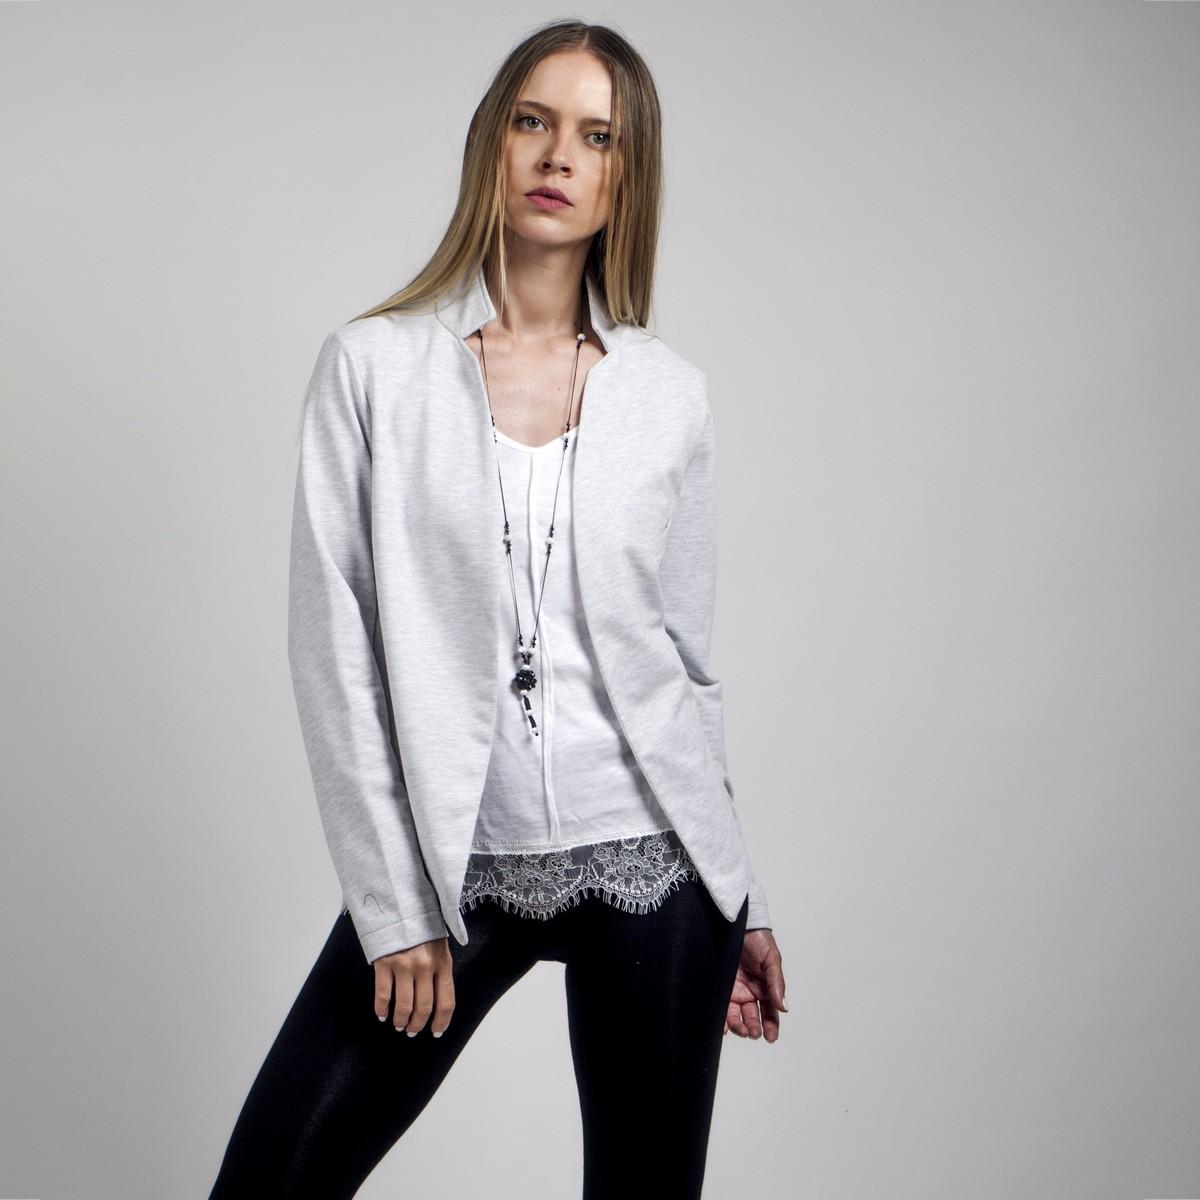 61530eea8371 Γκρί σακάκι από βαμβακερό φούτερ - Γυναικεία Ρούχα - Φορέματα - Xanashop